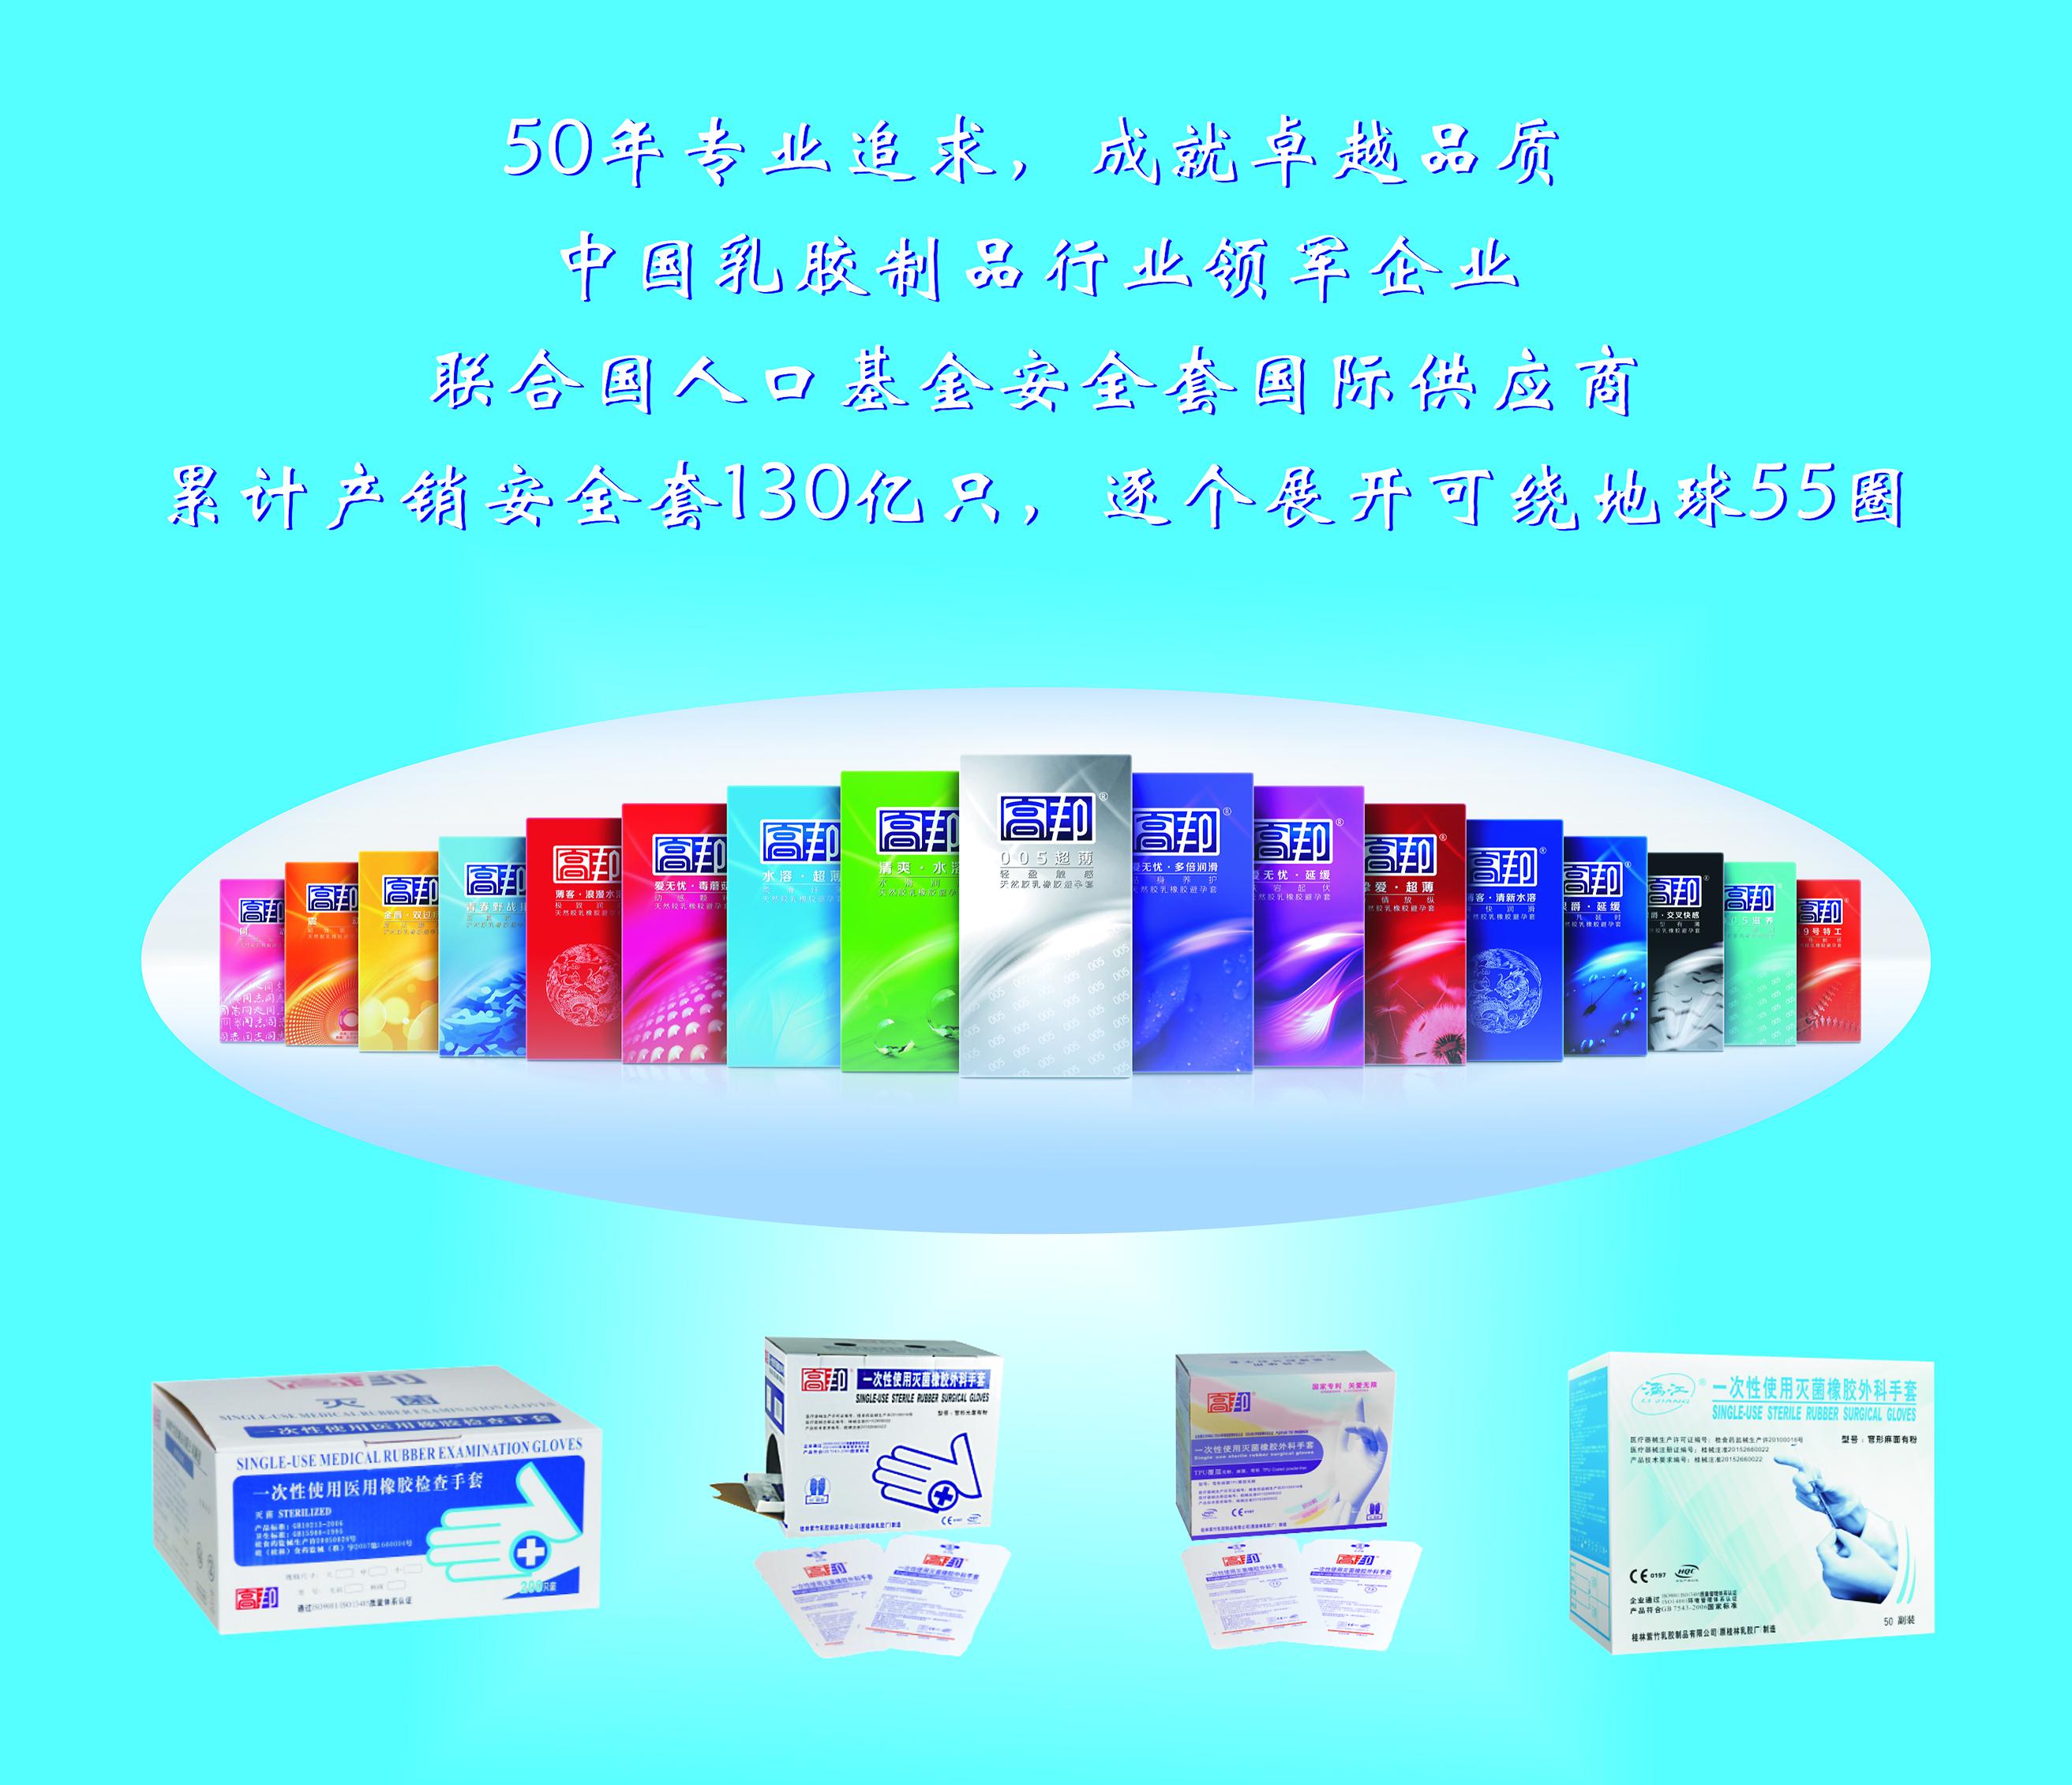 桂林紫竹乳胶制品有限公司2018年企业社会责任报告